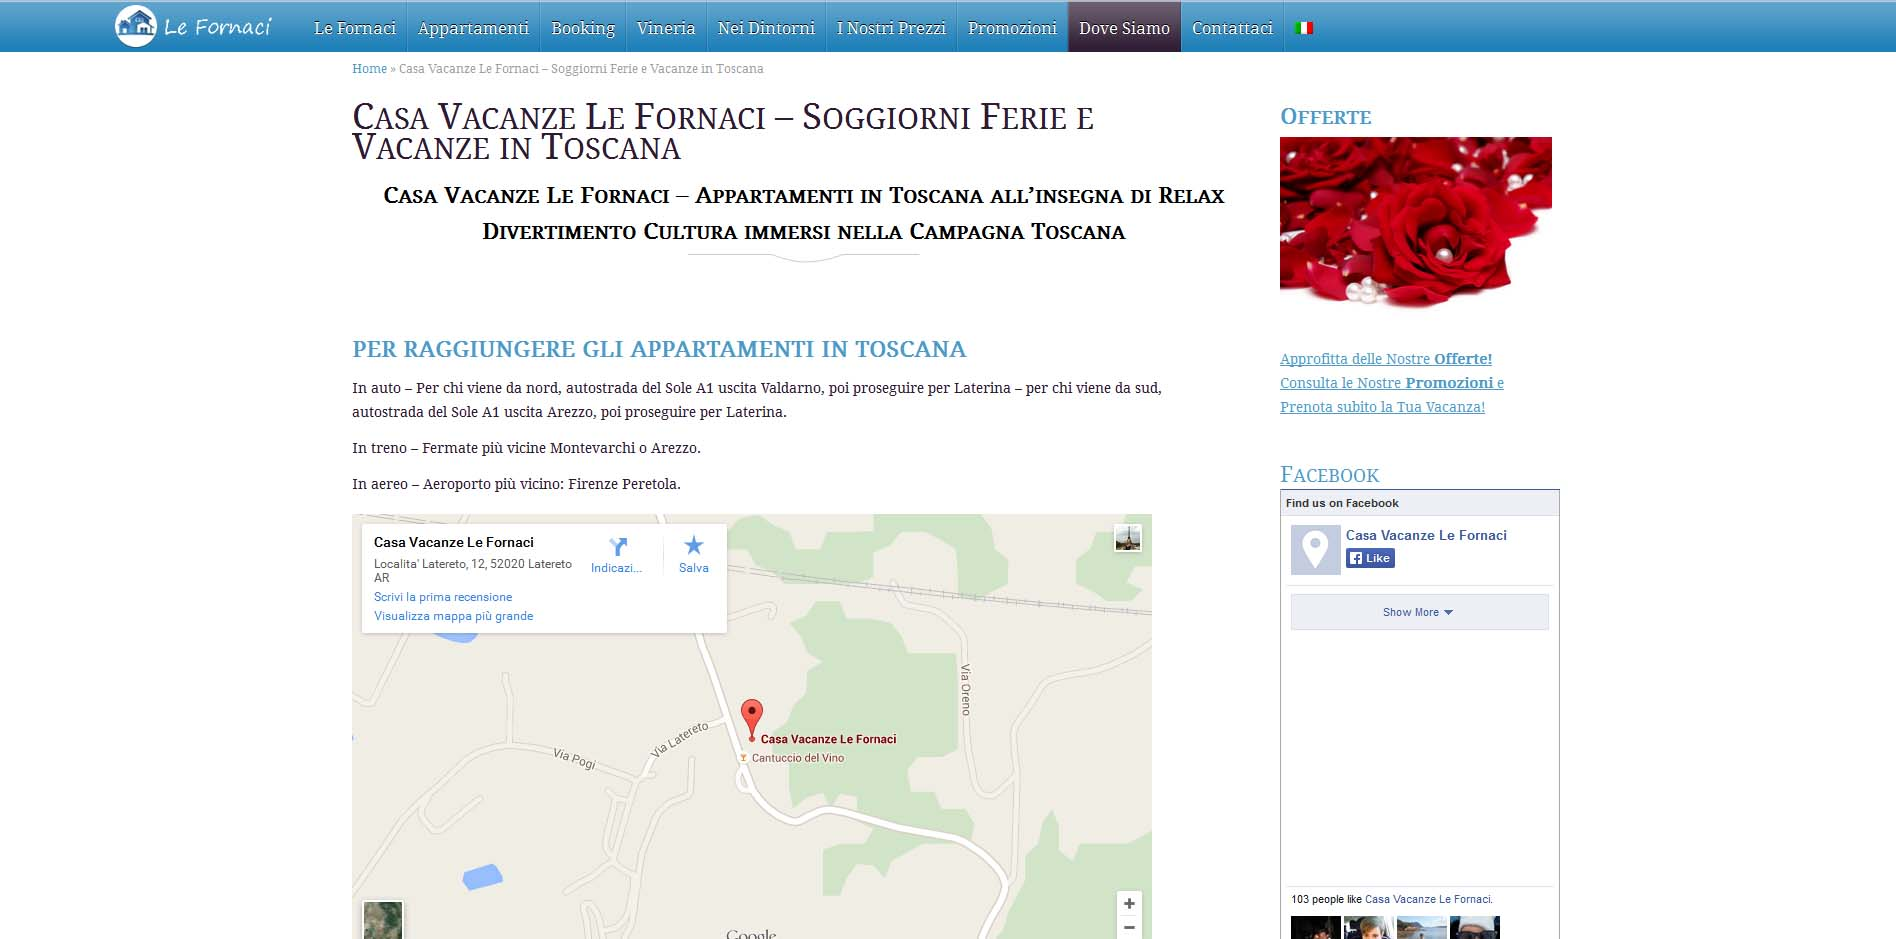 Casa Vacanze Le Fornaci